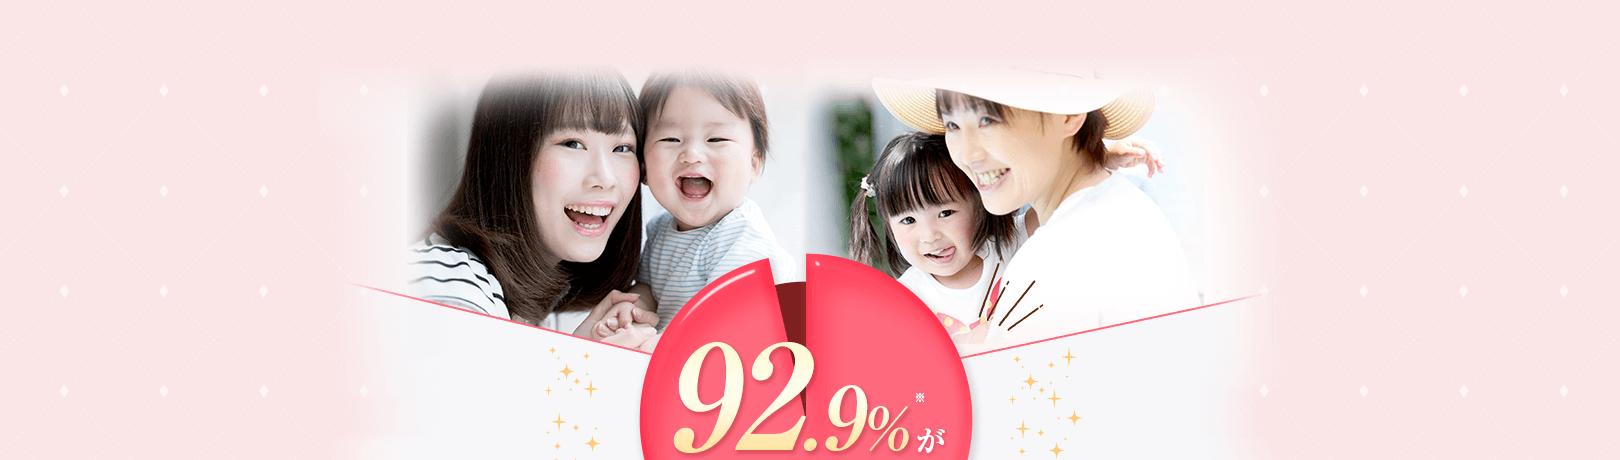 産後ママ92.9%がママ友に薦めたいと絶賛!